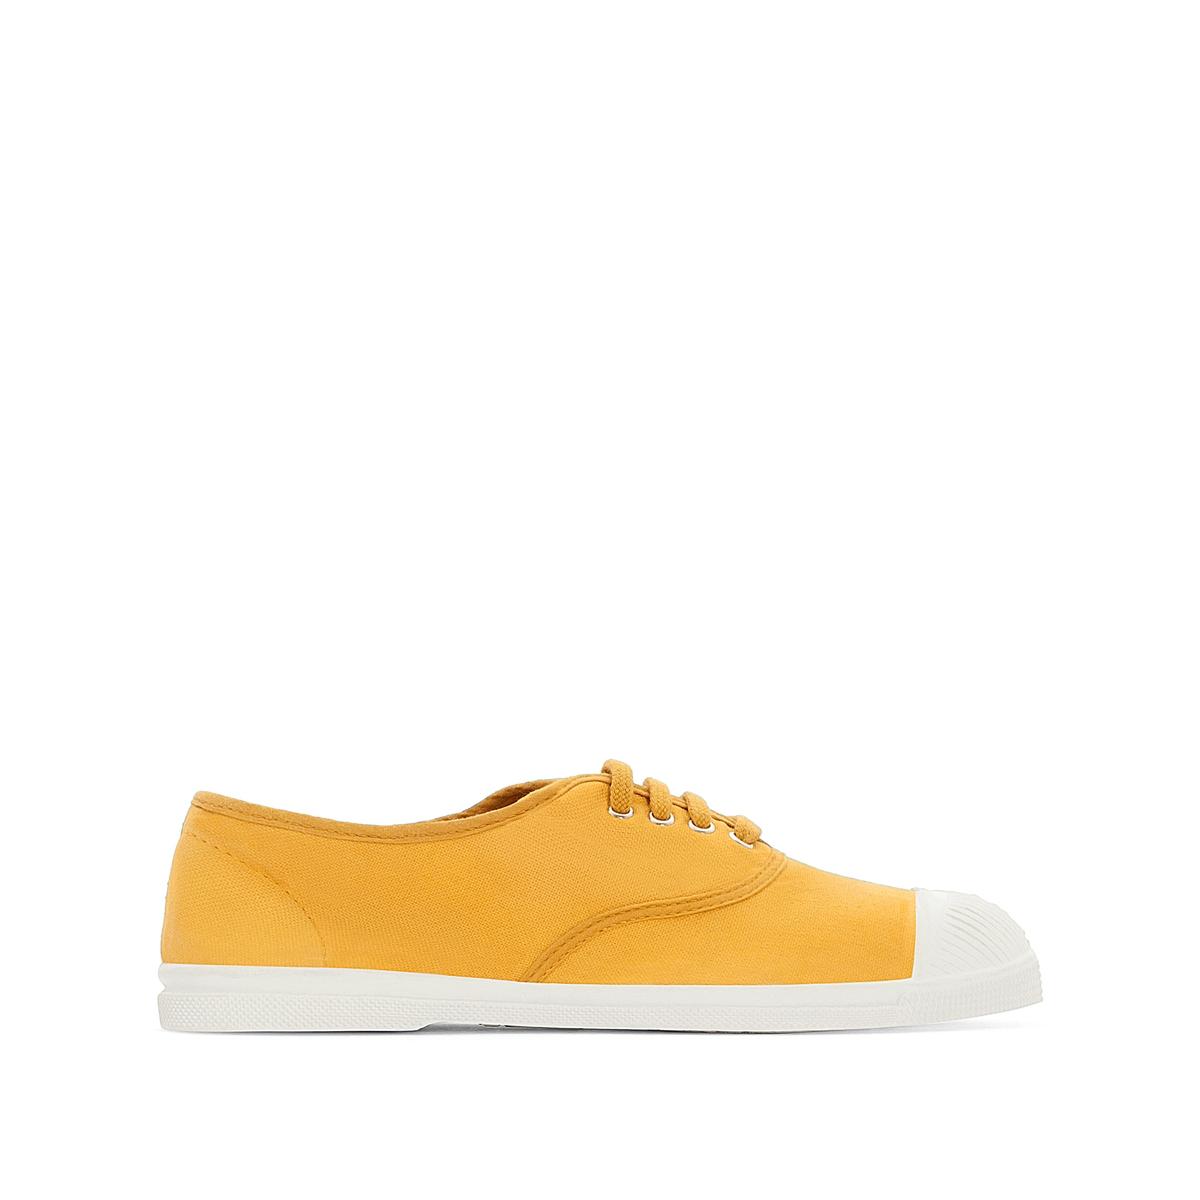 Кеды базовые на шнуровкеДетали •  Спортивный стиль. •  Плоский каблук. •  Застежка: шнуровка.Состав и уход •  Верх: 100% хлопок. •  Подкладка: 100% текстиль. •  Стелька: 100% текстиль. •  Подошва: 100% каучук.<br><br>Цвет: желтый<br>Размер: 38